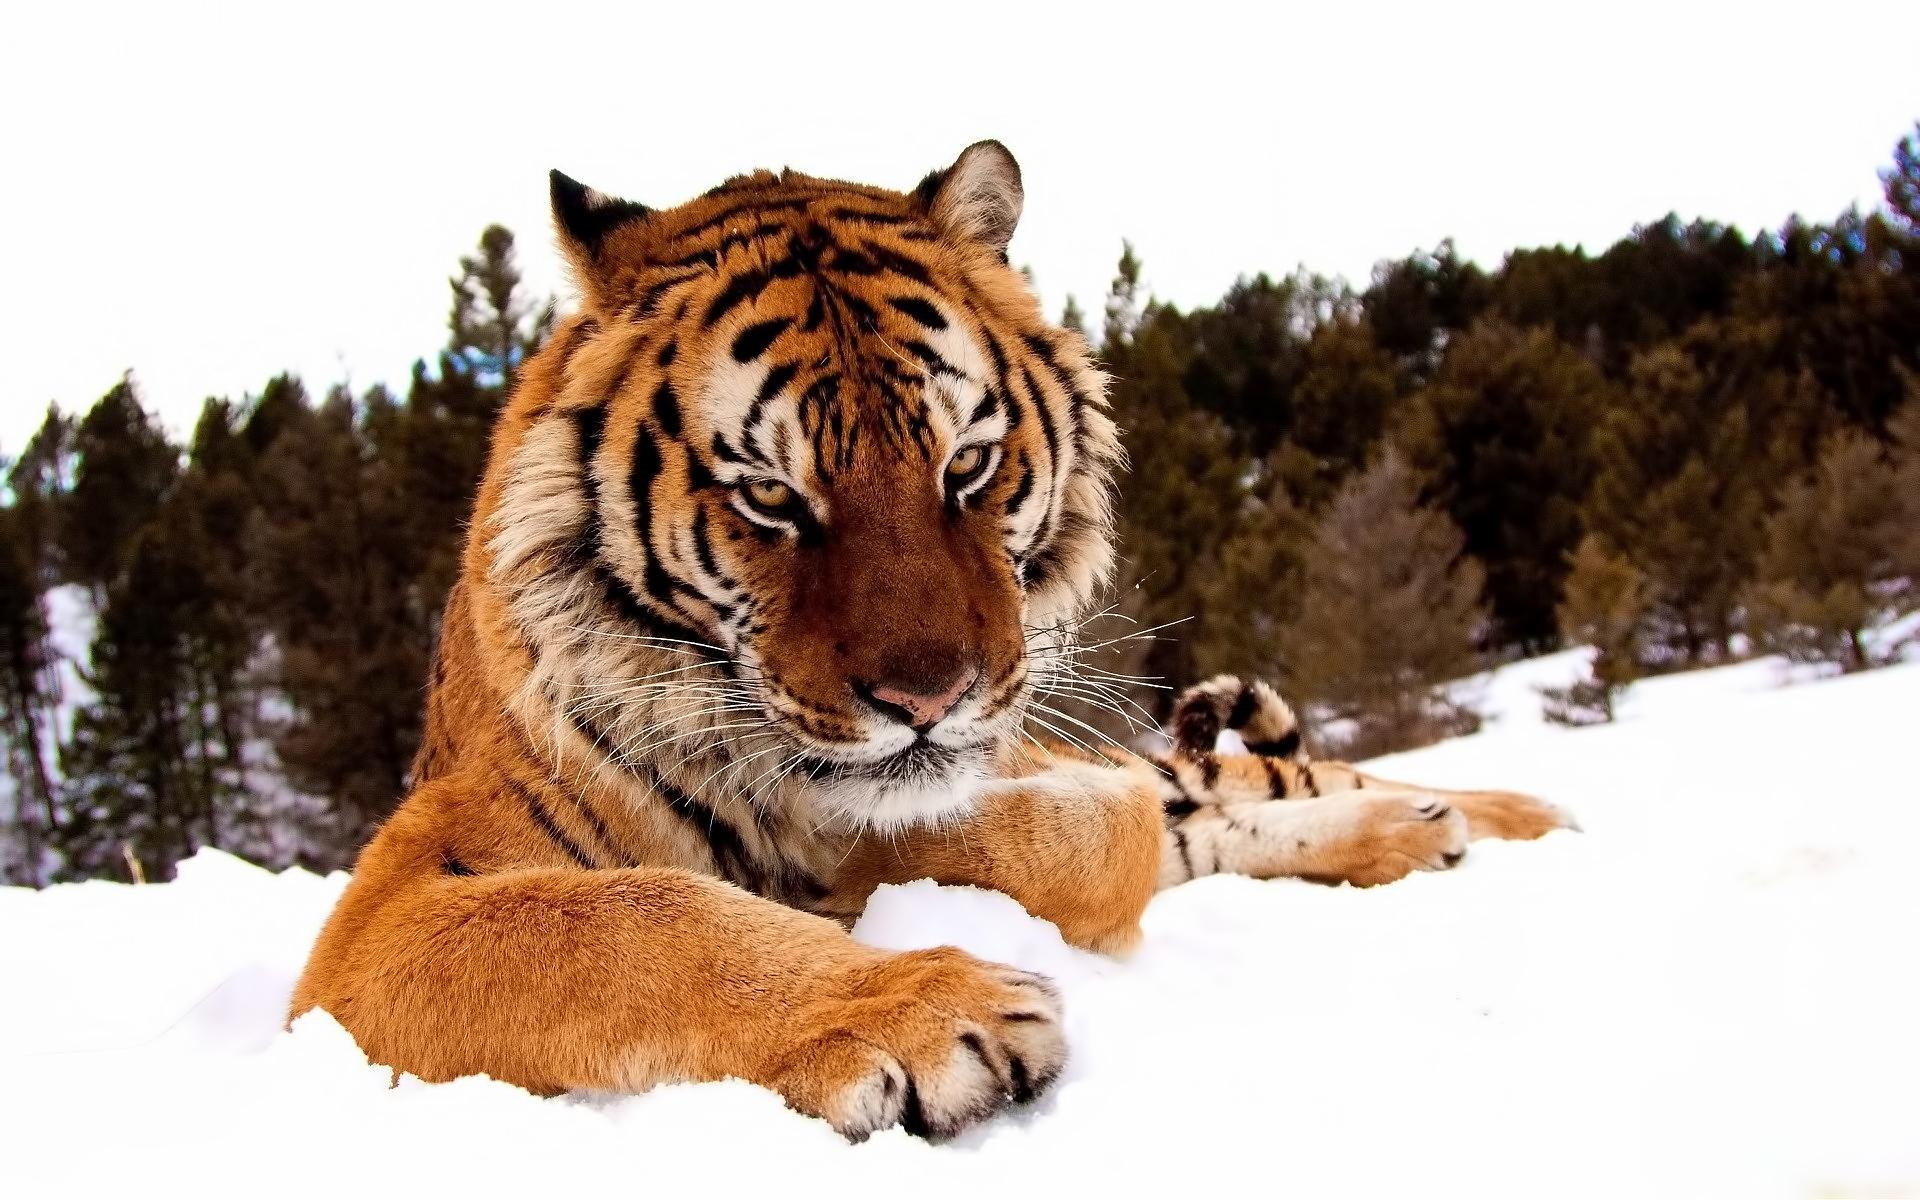 39915 Заставки и Обои Тигры на телефон. Скачать Животные, Тигры картинки бесплатно